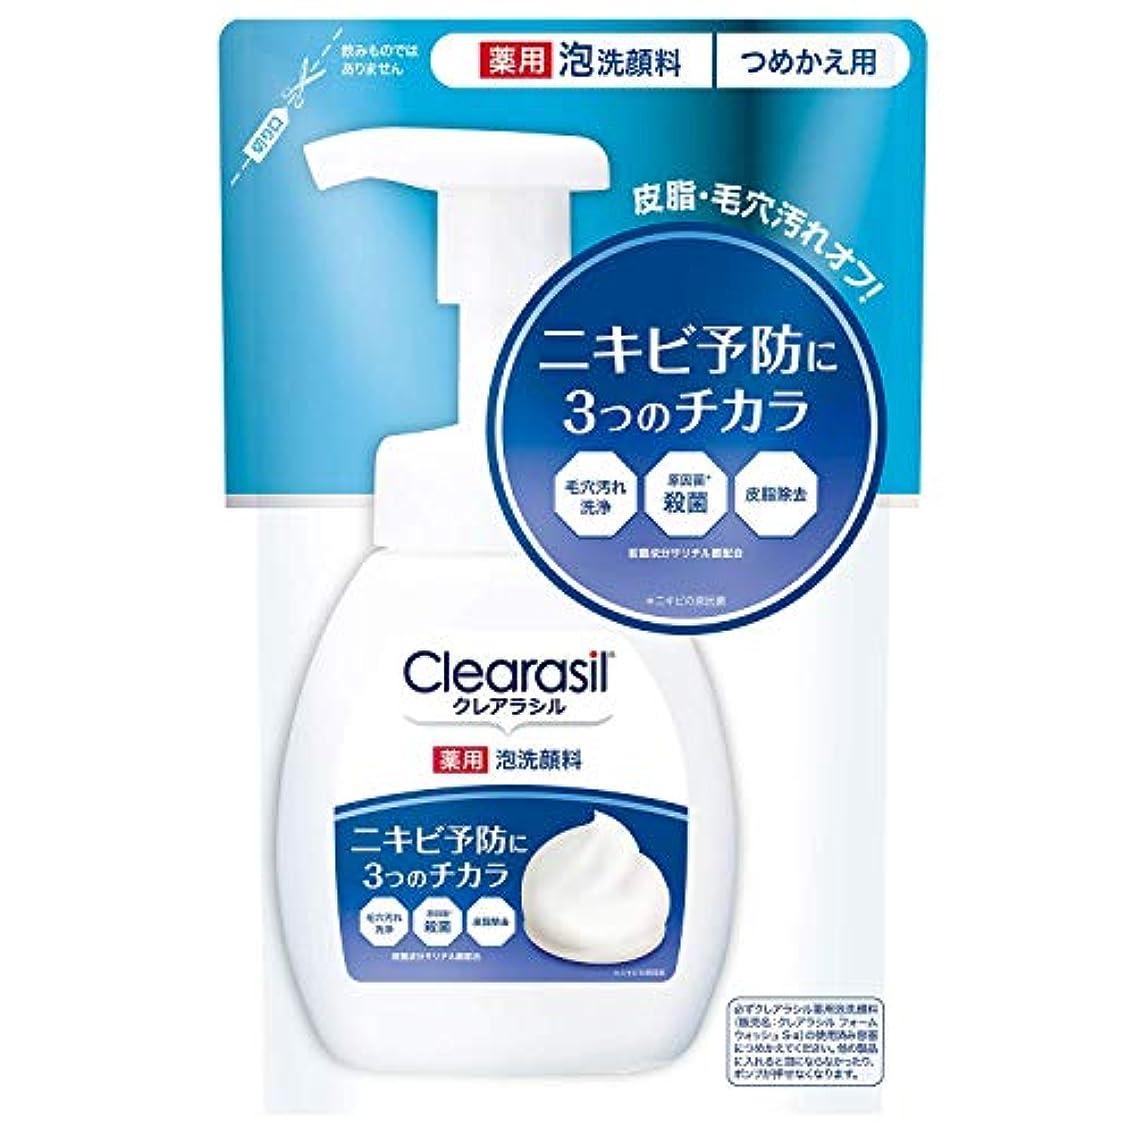 材料救出ご覧ください【clearasil】クレアラシル 薬用泡洗顔フォーム10 つめかえ用 (180ml) ×20個セット